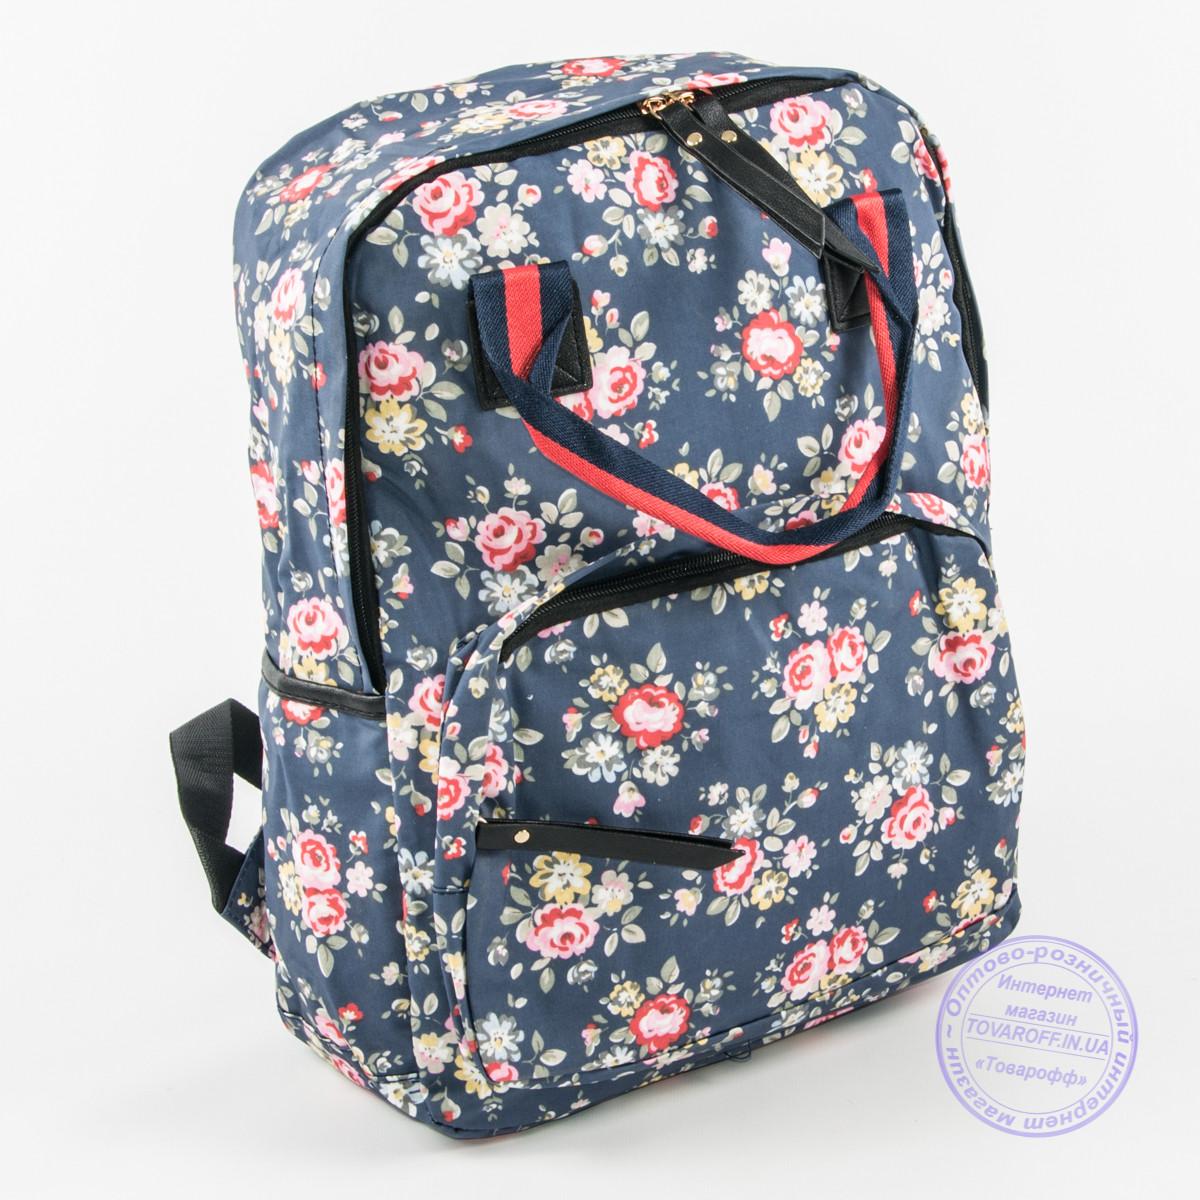 92a8e9d496f6 Сумка-рюкзак для школы и прогулок цветочный - синий - 9015 - Интернет  магазин Товарофф